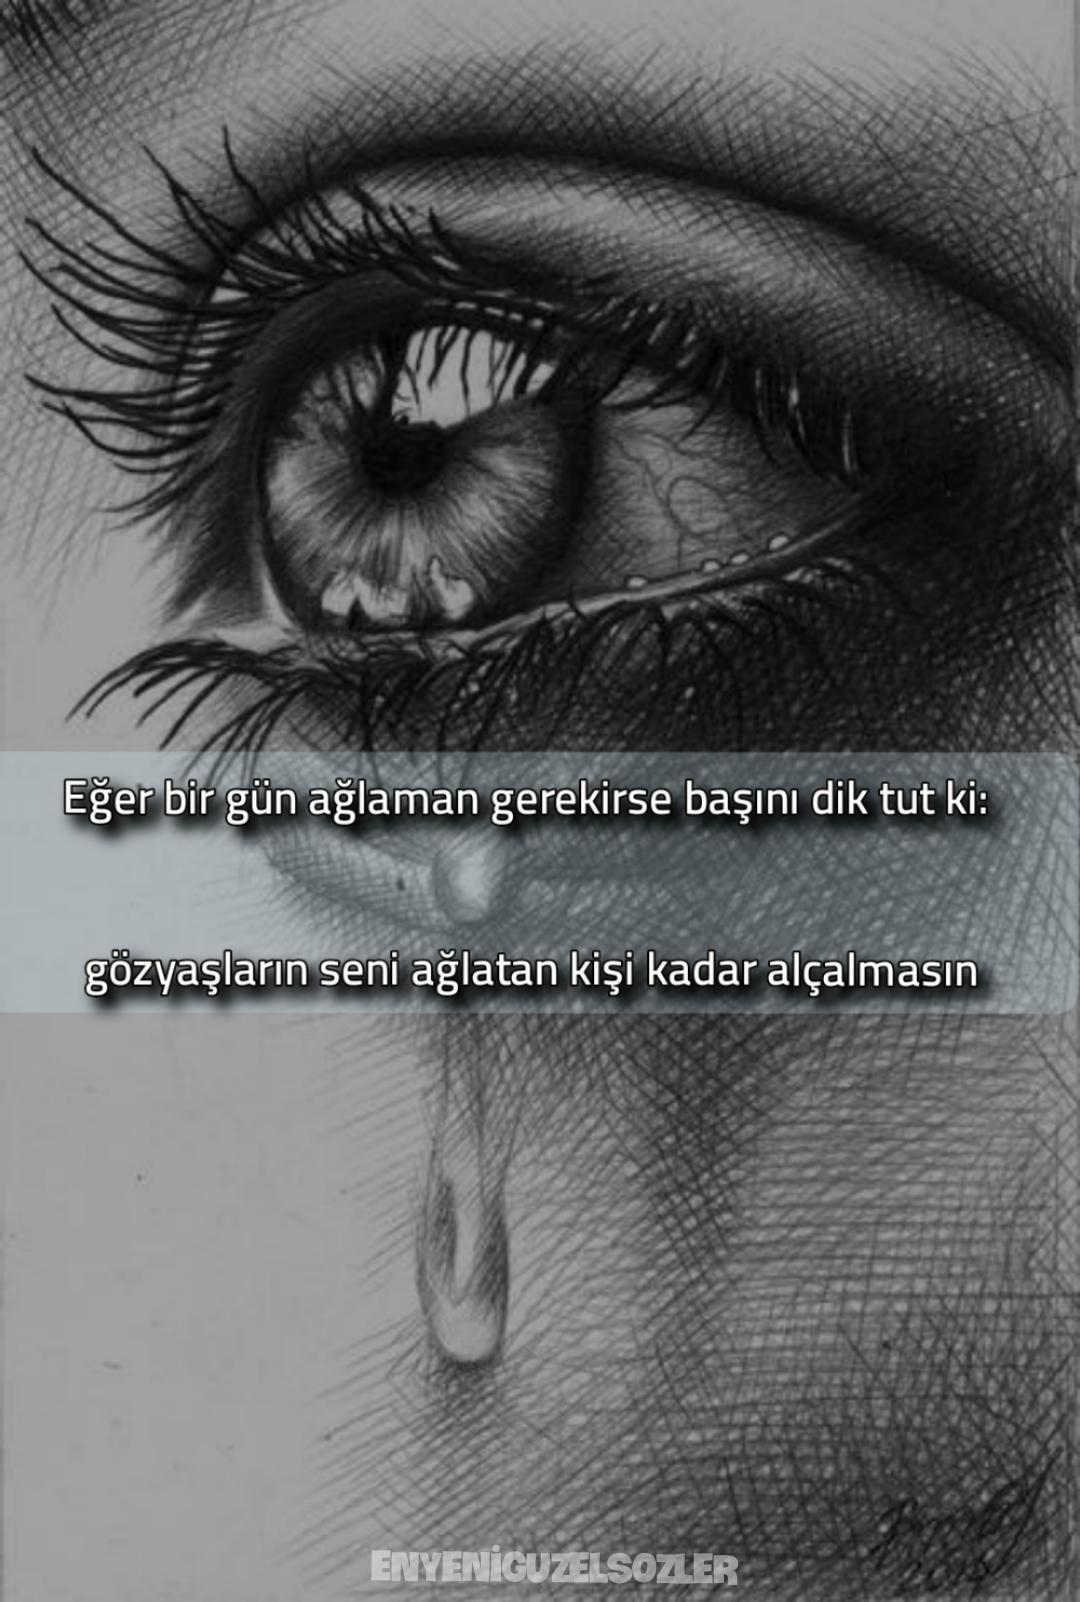 Eğer birgün ağlaman gerekirse başını dik tut ki gözyaşların seni ağlatan kişi kadar alçalmasın. Resimli Duygusal Sözler En Yeni Duygu Yüklü Sözler - Resimli Duygusal Sözler - En Yeni Duygu Yüklü Sözler, resimli-sozler